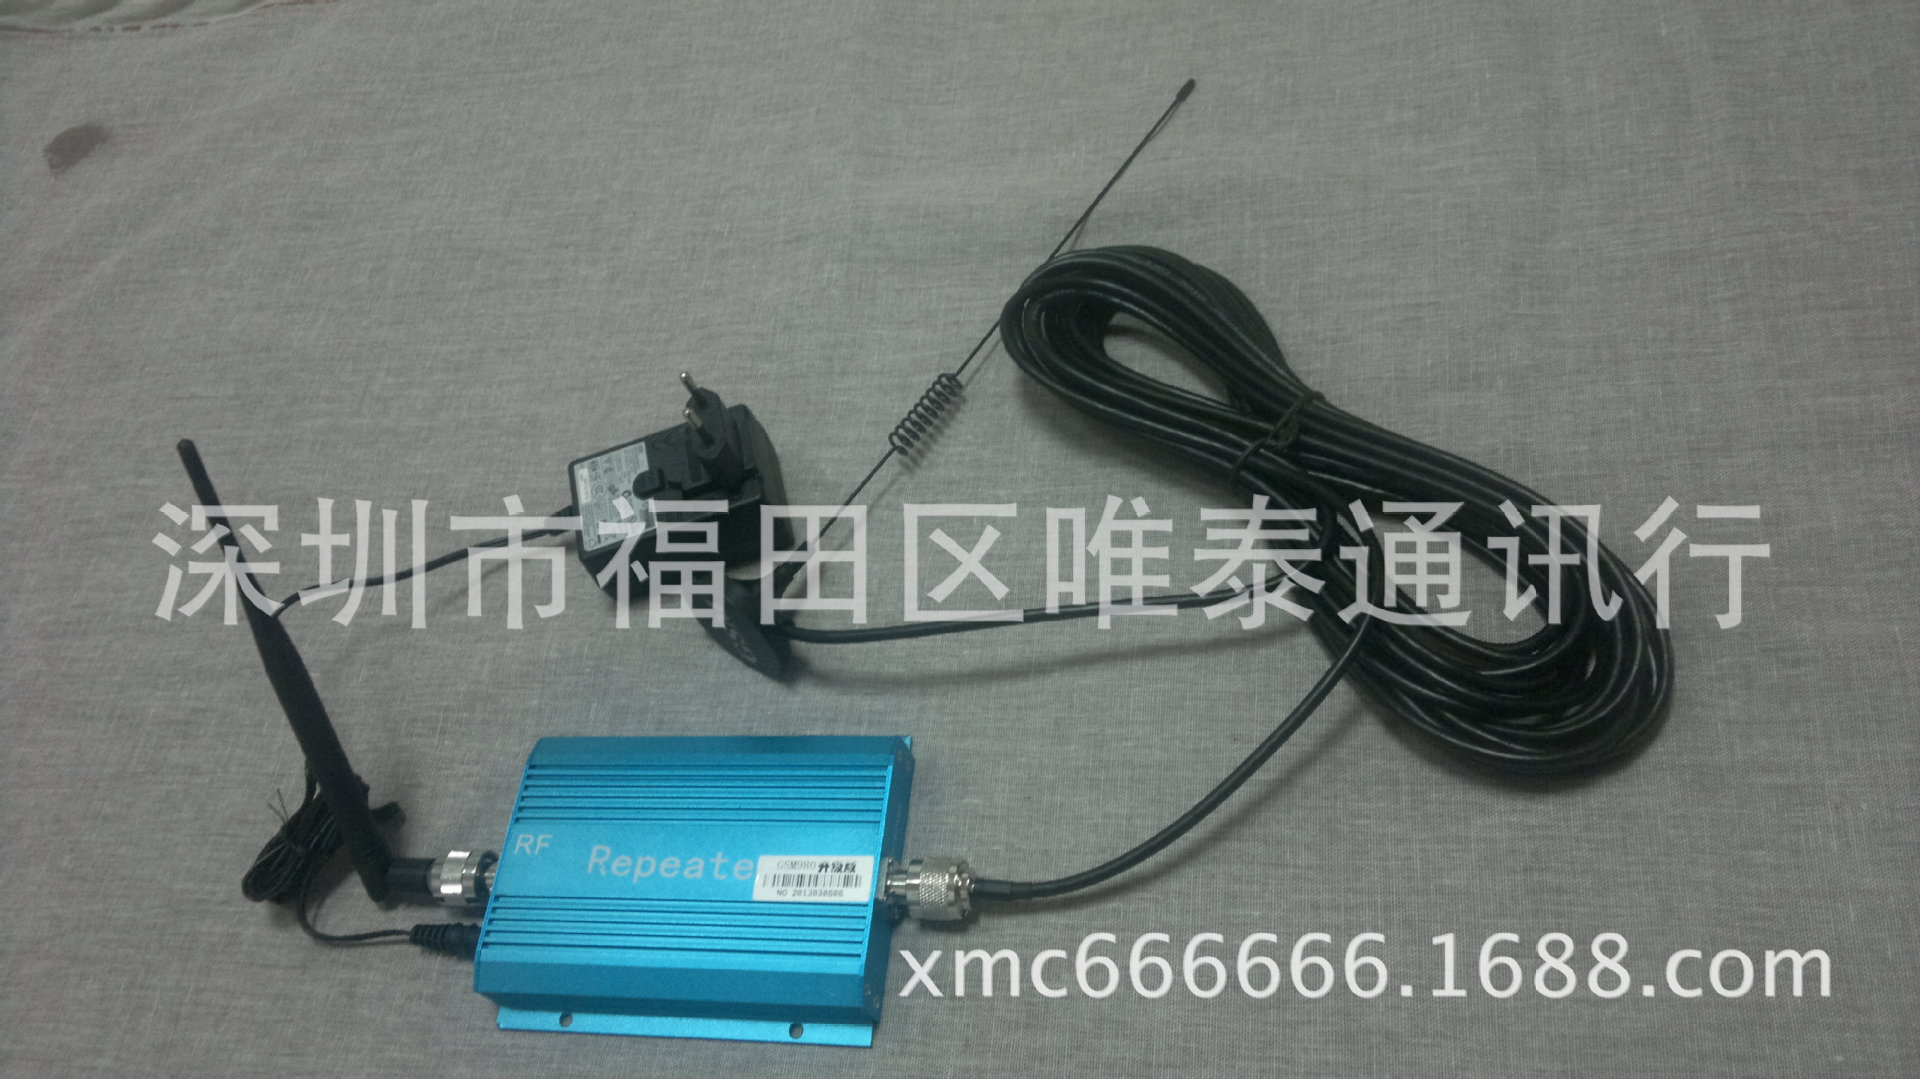 生产厂家手机信号放大器 手机信号增强器 移动联通信号放大器gsm -价